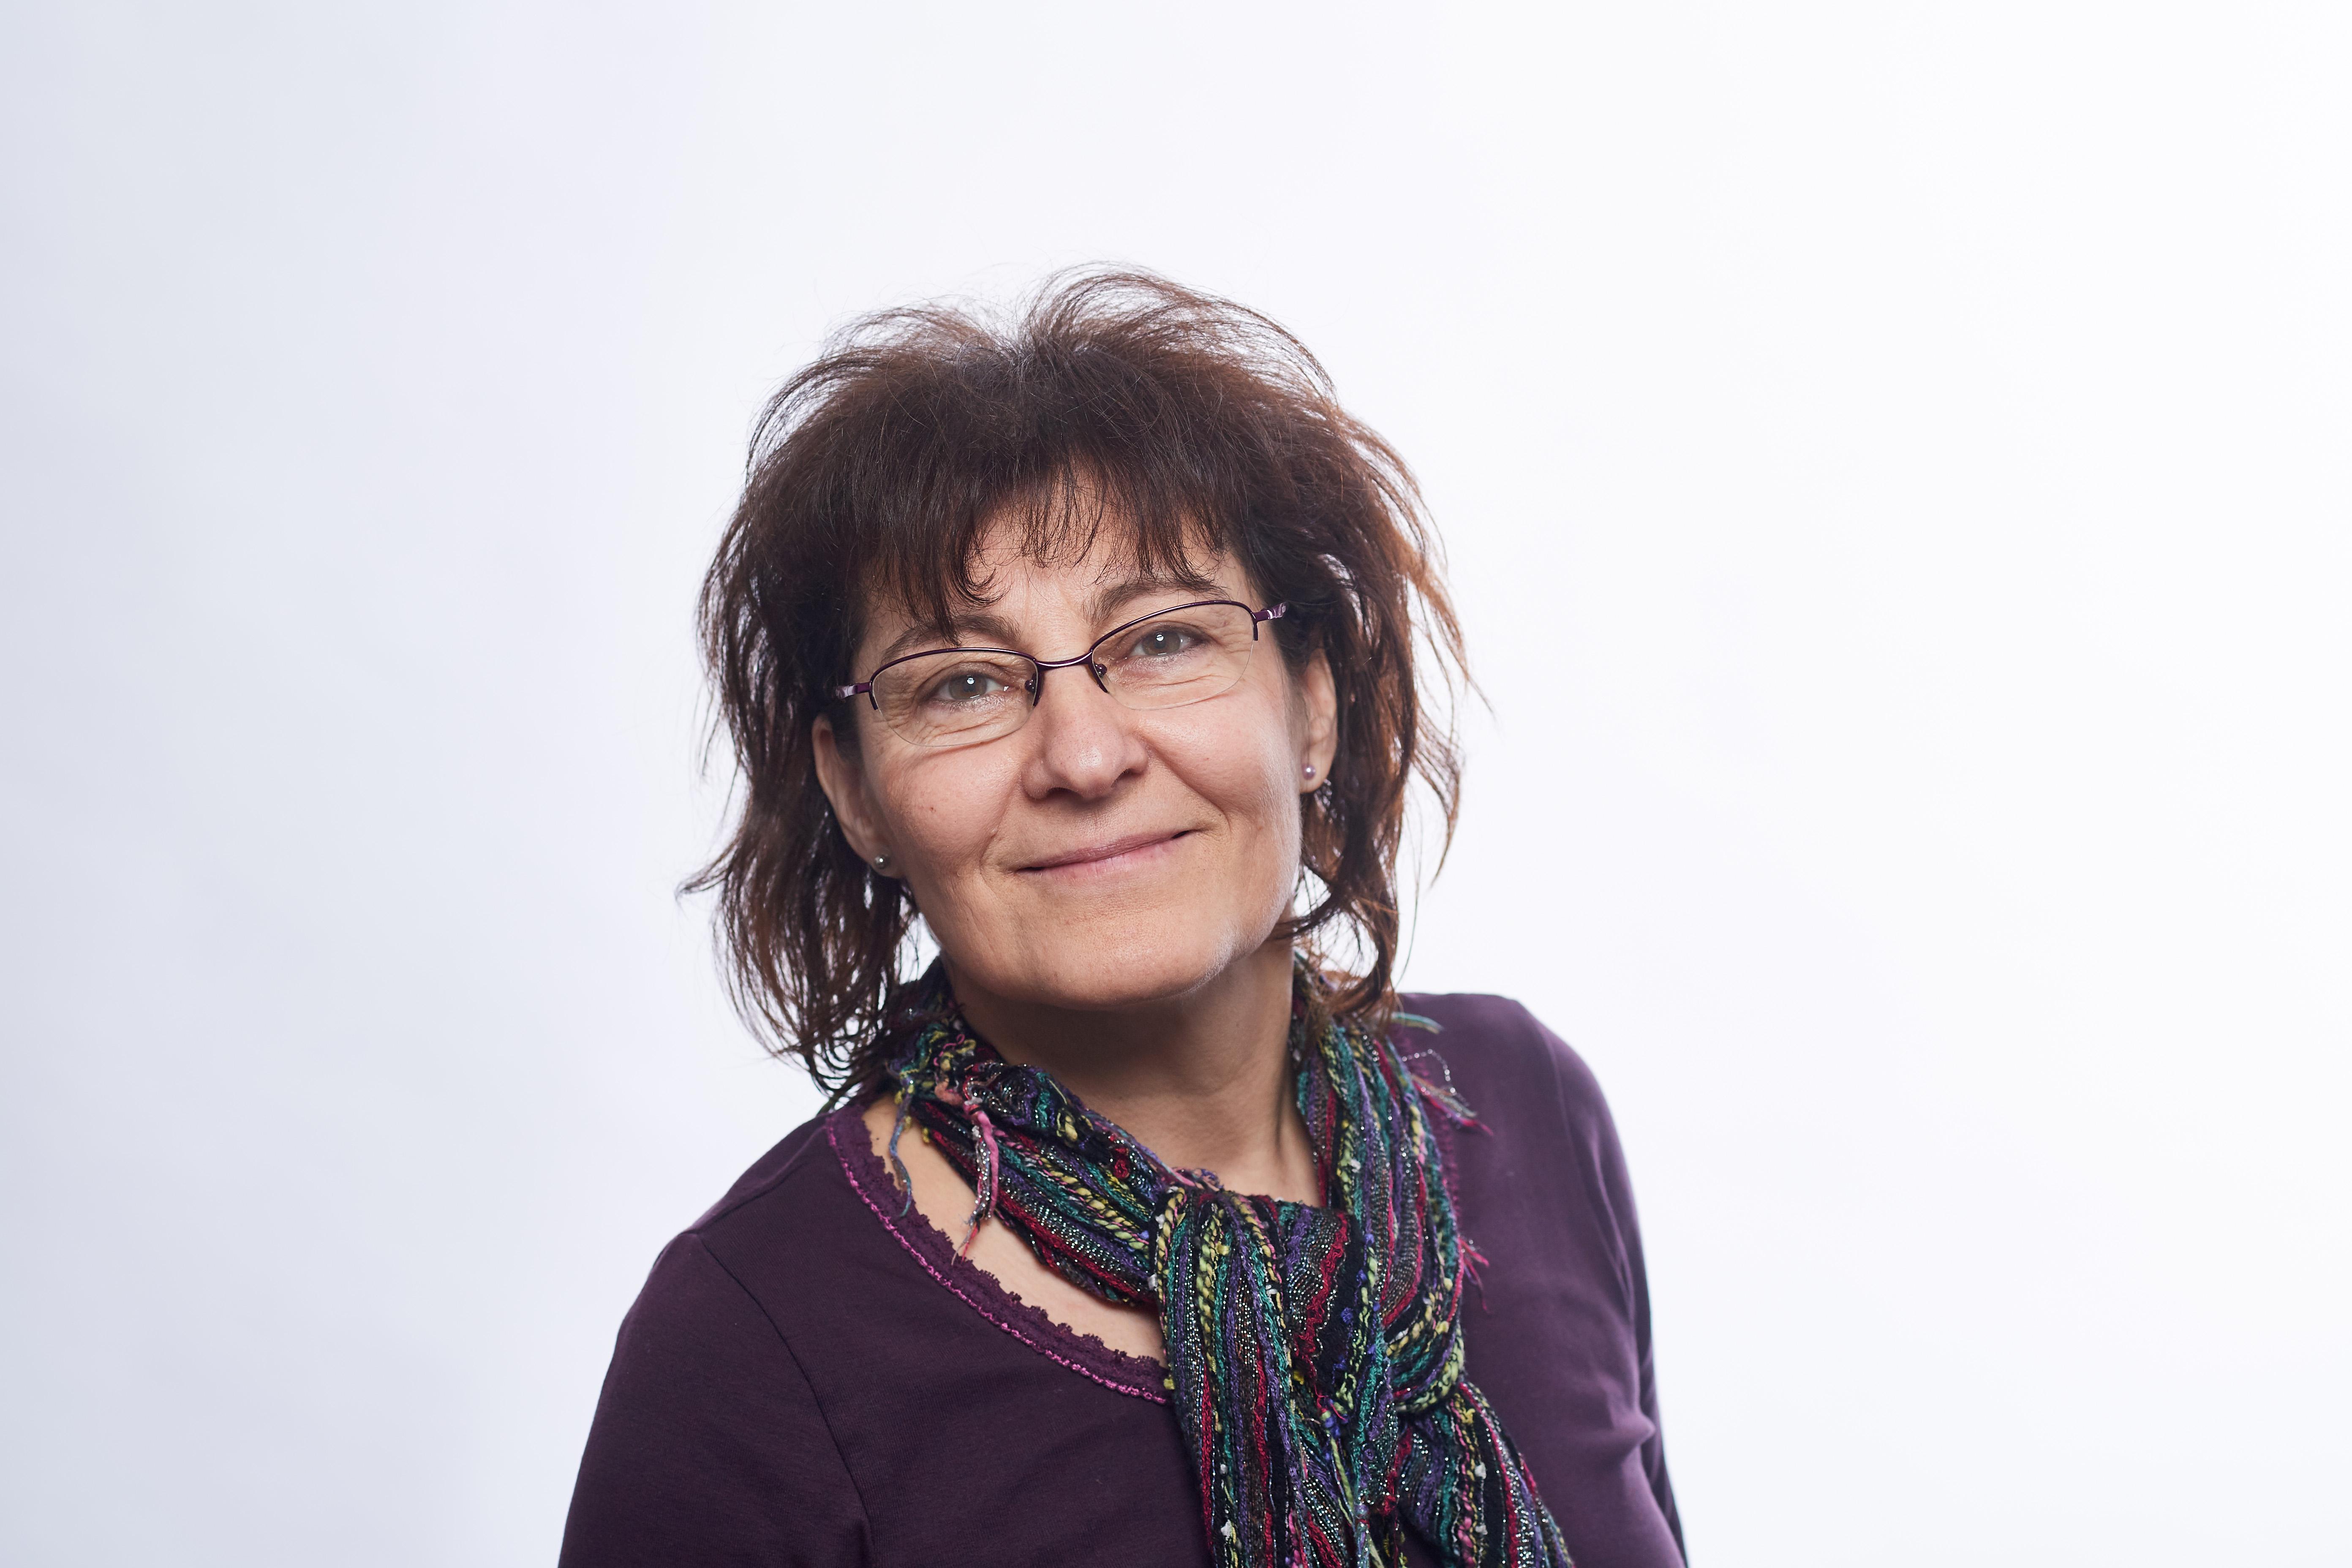 Hildegard Janicki